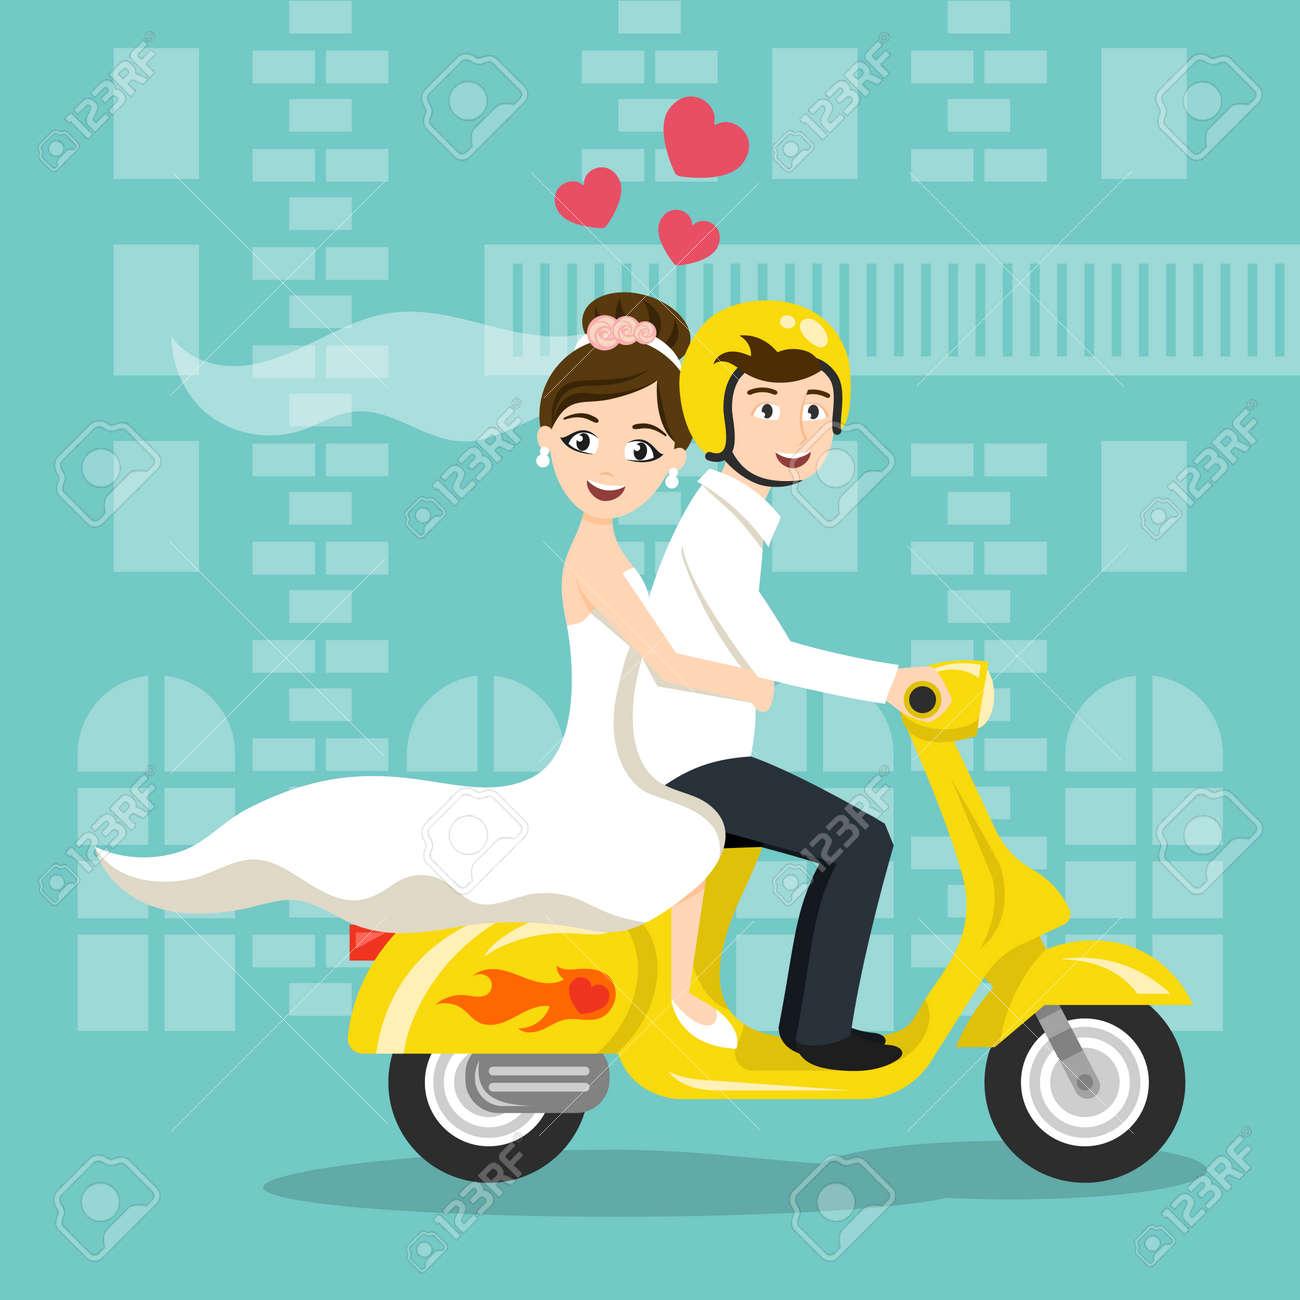 d840e427f8a Archivio Fotografico - Illustrazione vettoriale di giovani sposi Sposi  felici di guida su scooter. trasporto stile retrò, motorino d'epoca in cerca .